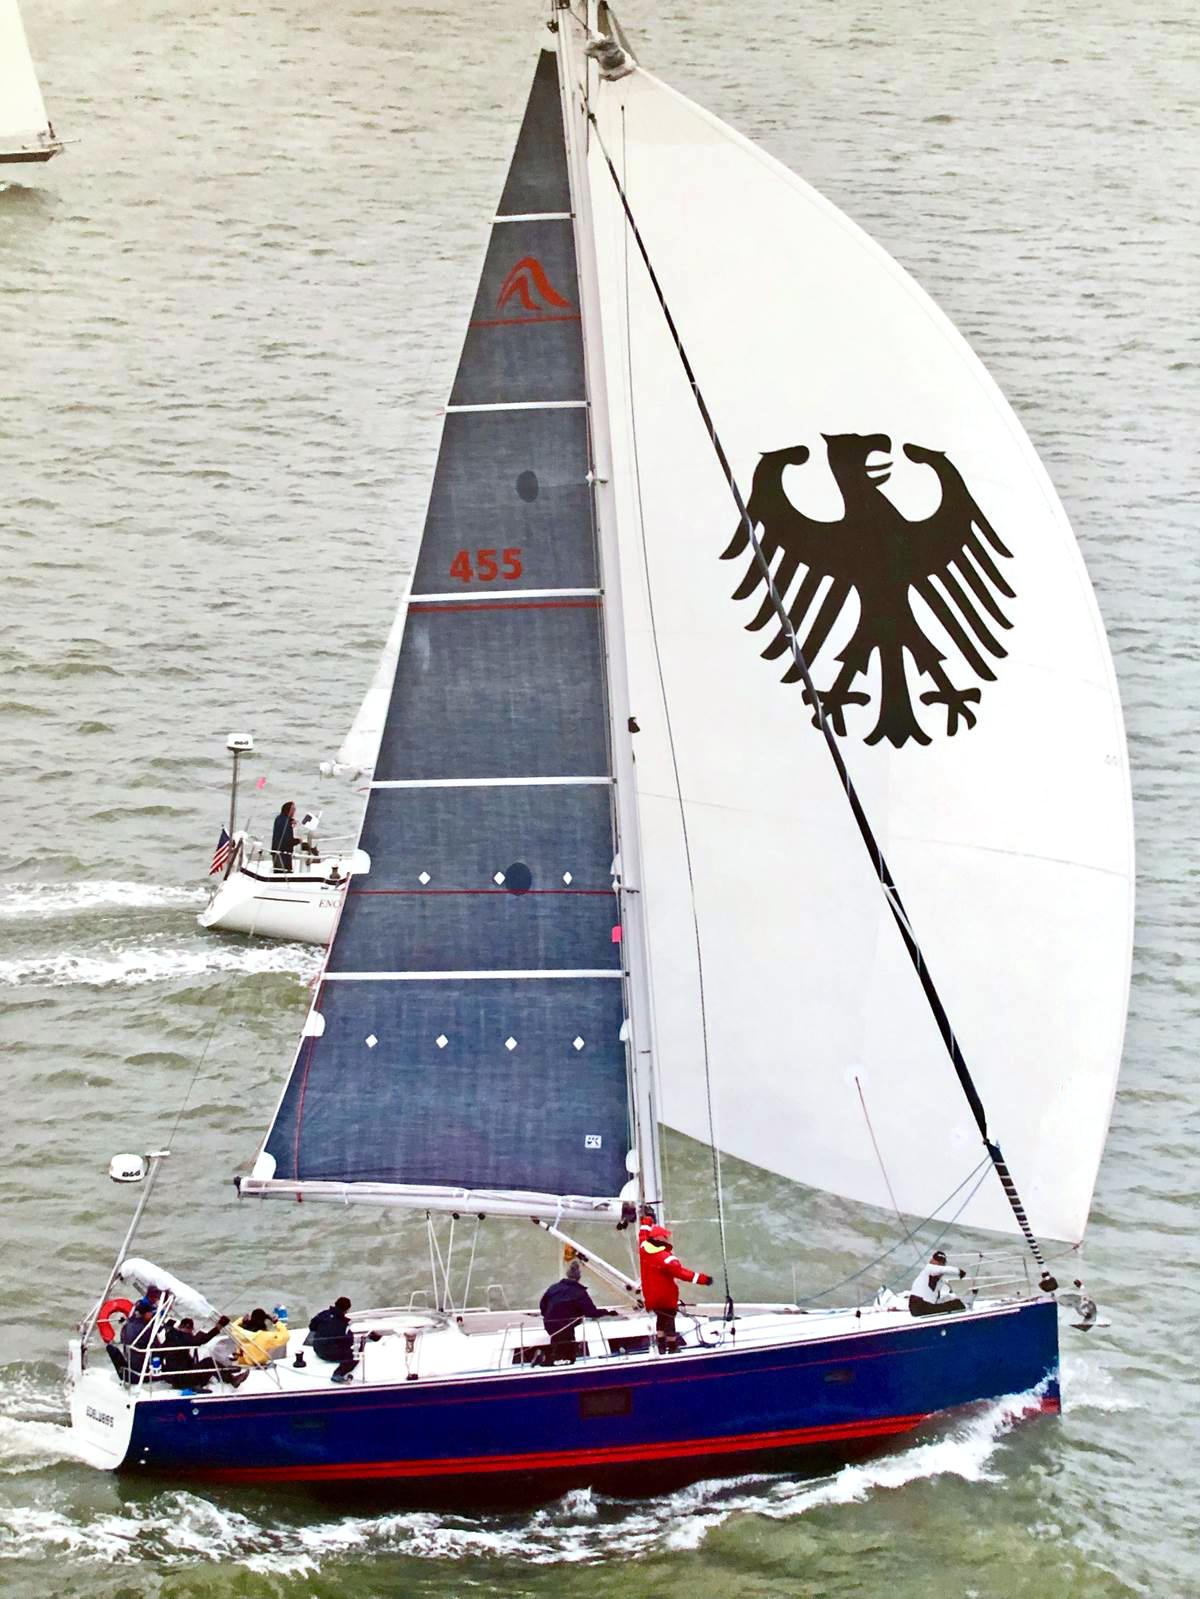 Edelweiss, a Hanse 455